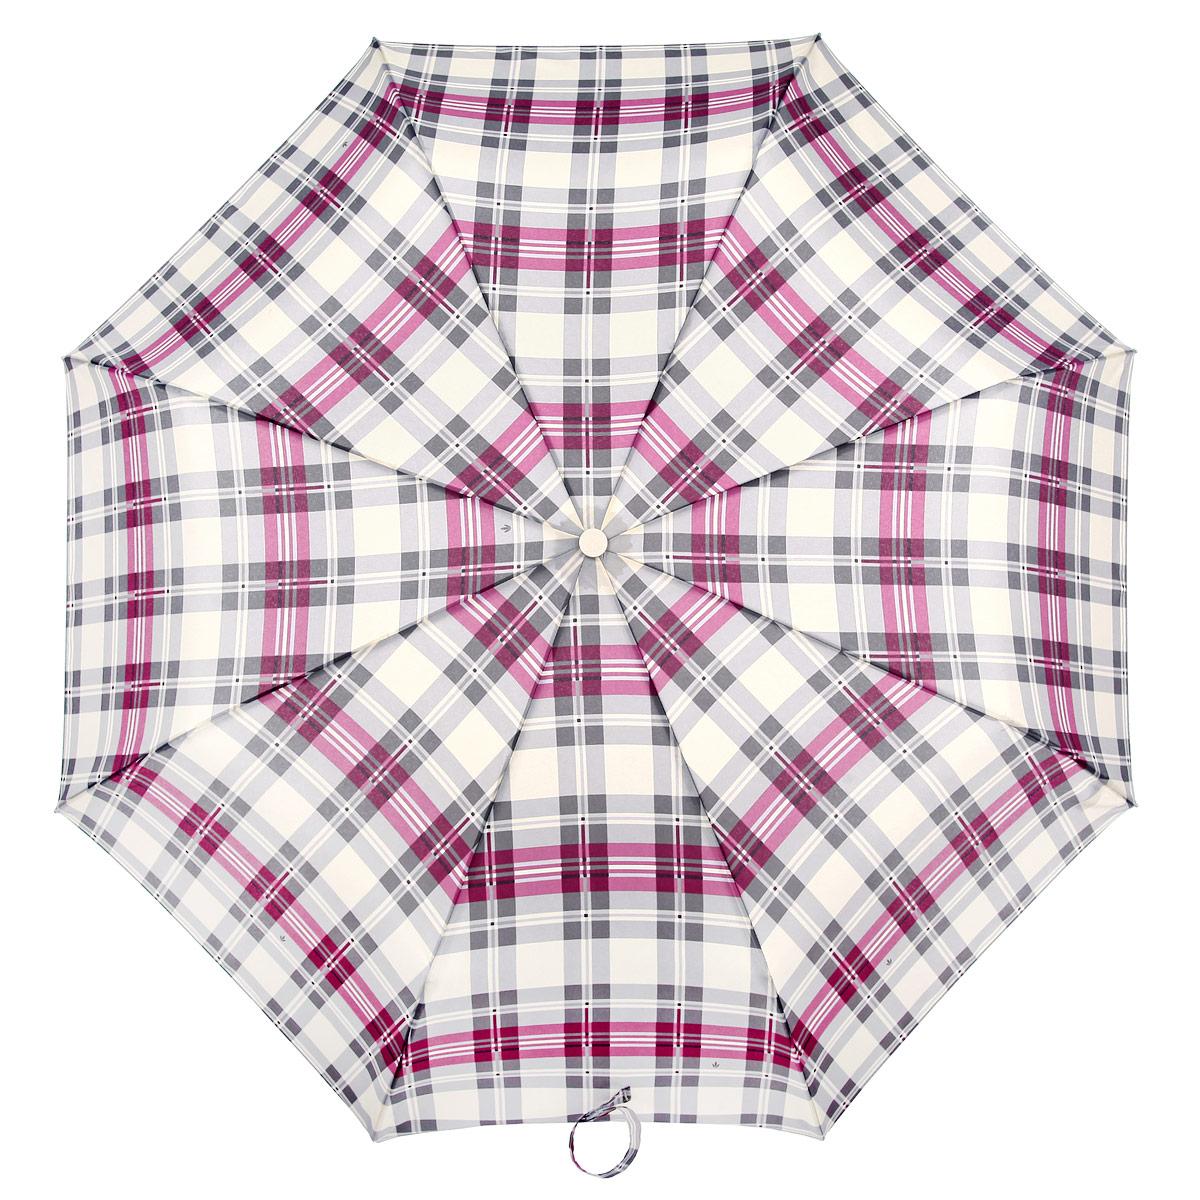 Зонт женский Fulton Minilite-2. Highland Plaid, механический, 3 сложения, цвет: серый, фиолетовый. L354-2937L354-2937Очаровательный механический зонтик Minilite. Highland Plaid в 3 сложения изготовлен из высокопрочных материалов. Каркас зонта состоит из 8 спиц и прочного алюминиевого стержня. Купол зонта выполнен из прочного полиэстера с водоотталкивающей пропиткой и оформлен изображением в виде клеток. Рукоятка изготовлена из пластика. Зонт имеет механический механизм сложения: купол открывается и закрывается вручную до характерного щелчка. Небольшой шнурок, расположенный на рукоятке, который позволяет надеть изделие на руку при необходимости. Модель закрывается при помощи хлястика на липучку. К зонту прилагается чехол. Прелестный зонт не только выручит вас в ненастную погоду, но и станет стильным аксессуаром, прекрасно дополнит ваш модный образ.